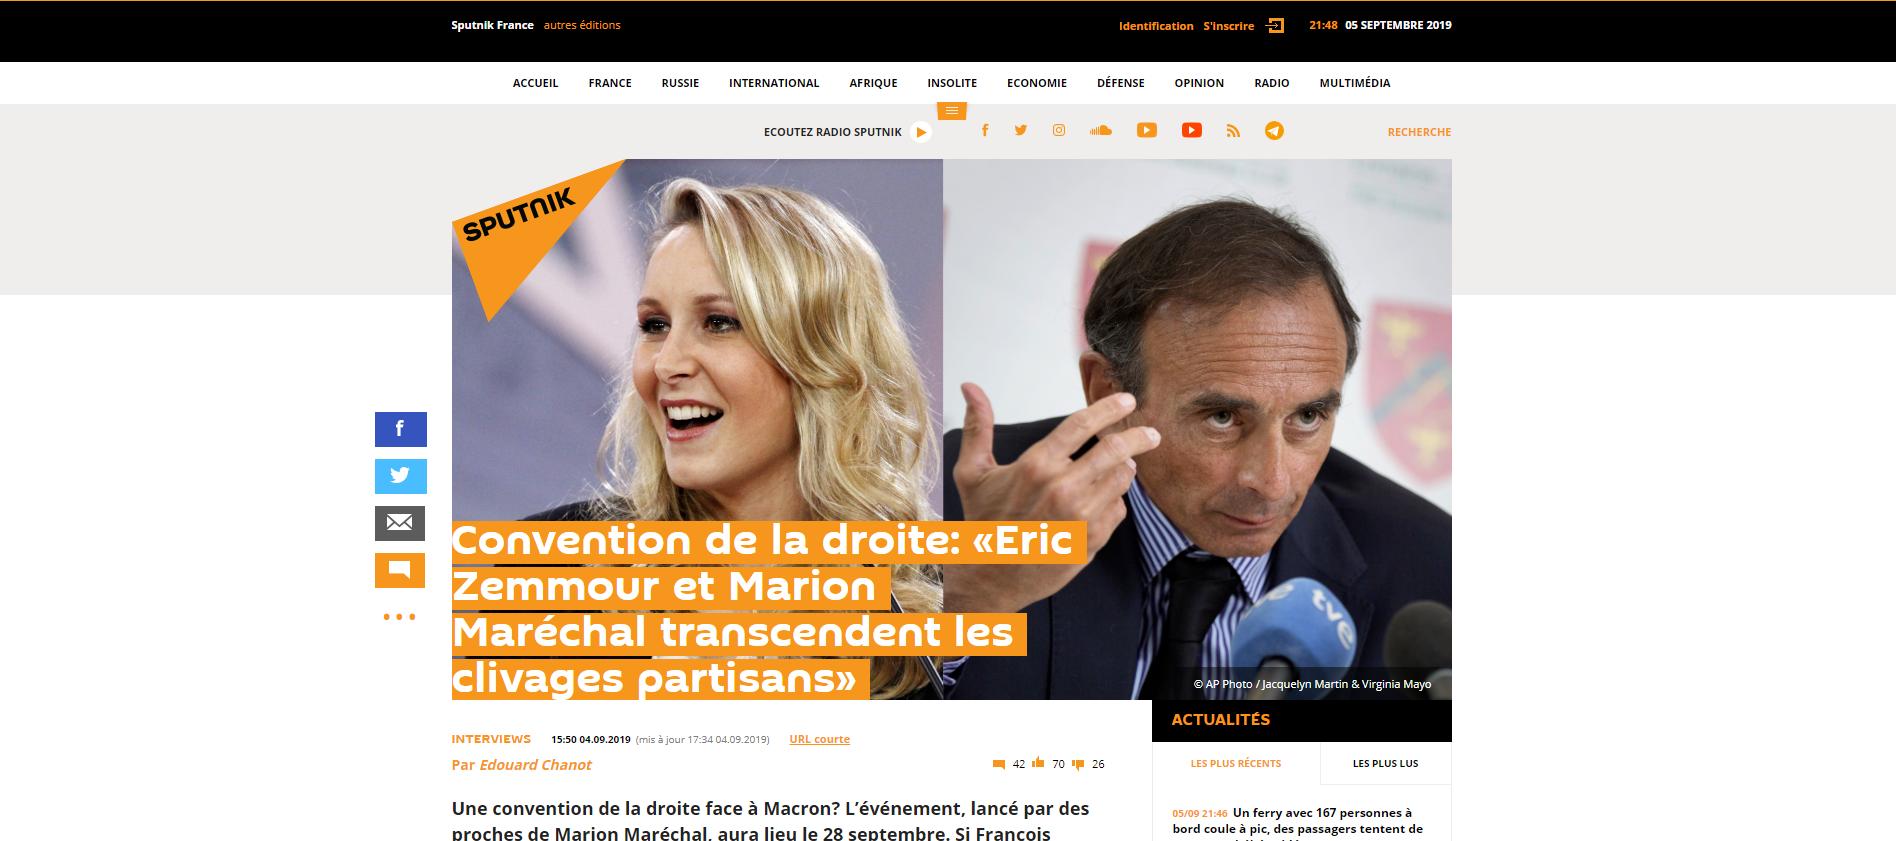 2019-09-05 21_49_42-Convention de la droite_ «Eric Zemmour et Marion Maréchal transcendent les cliva